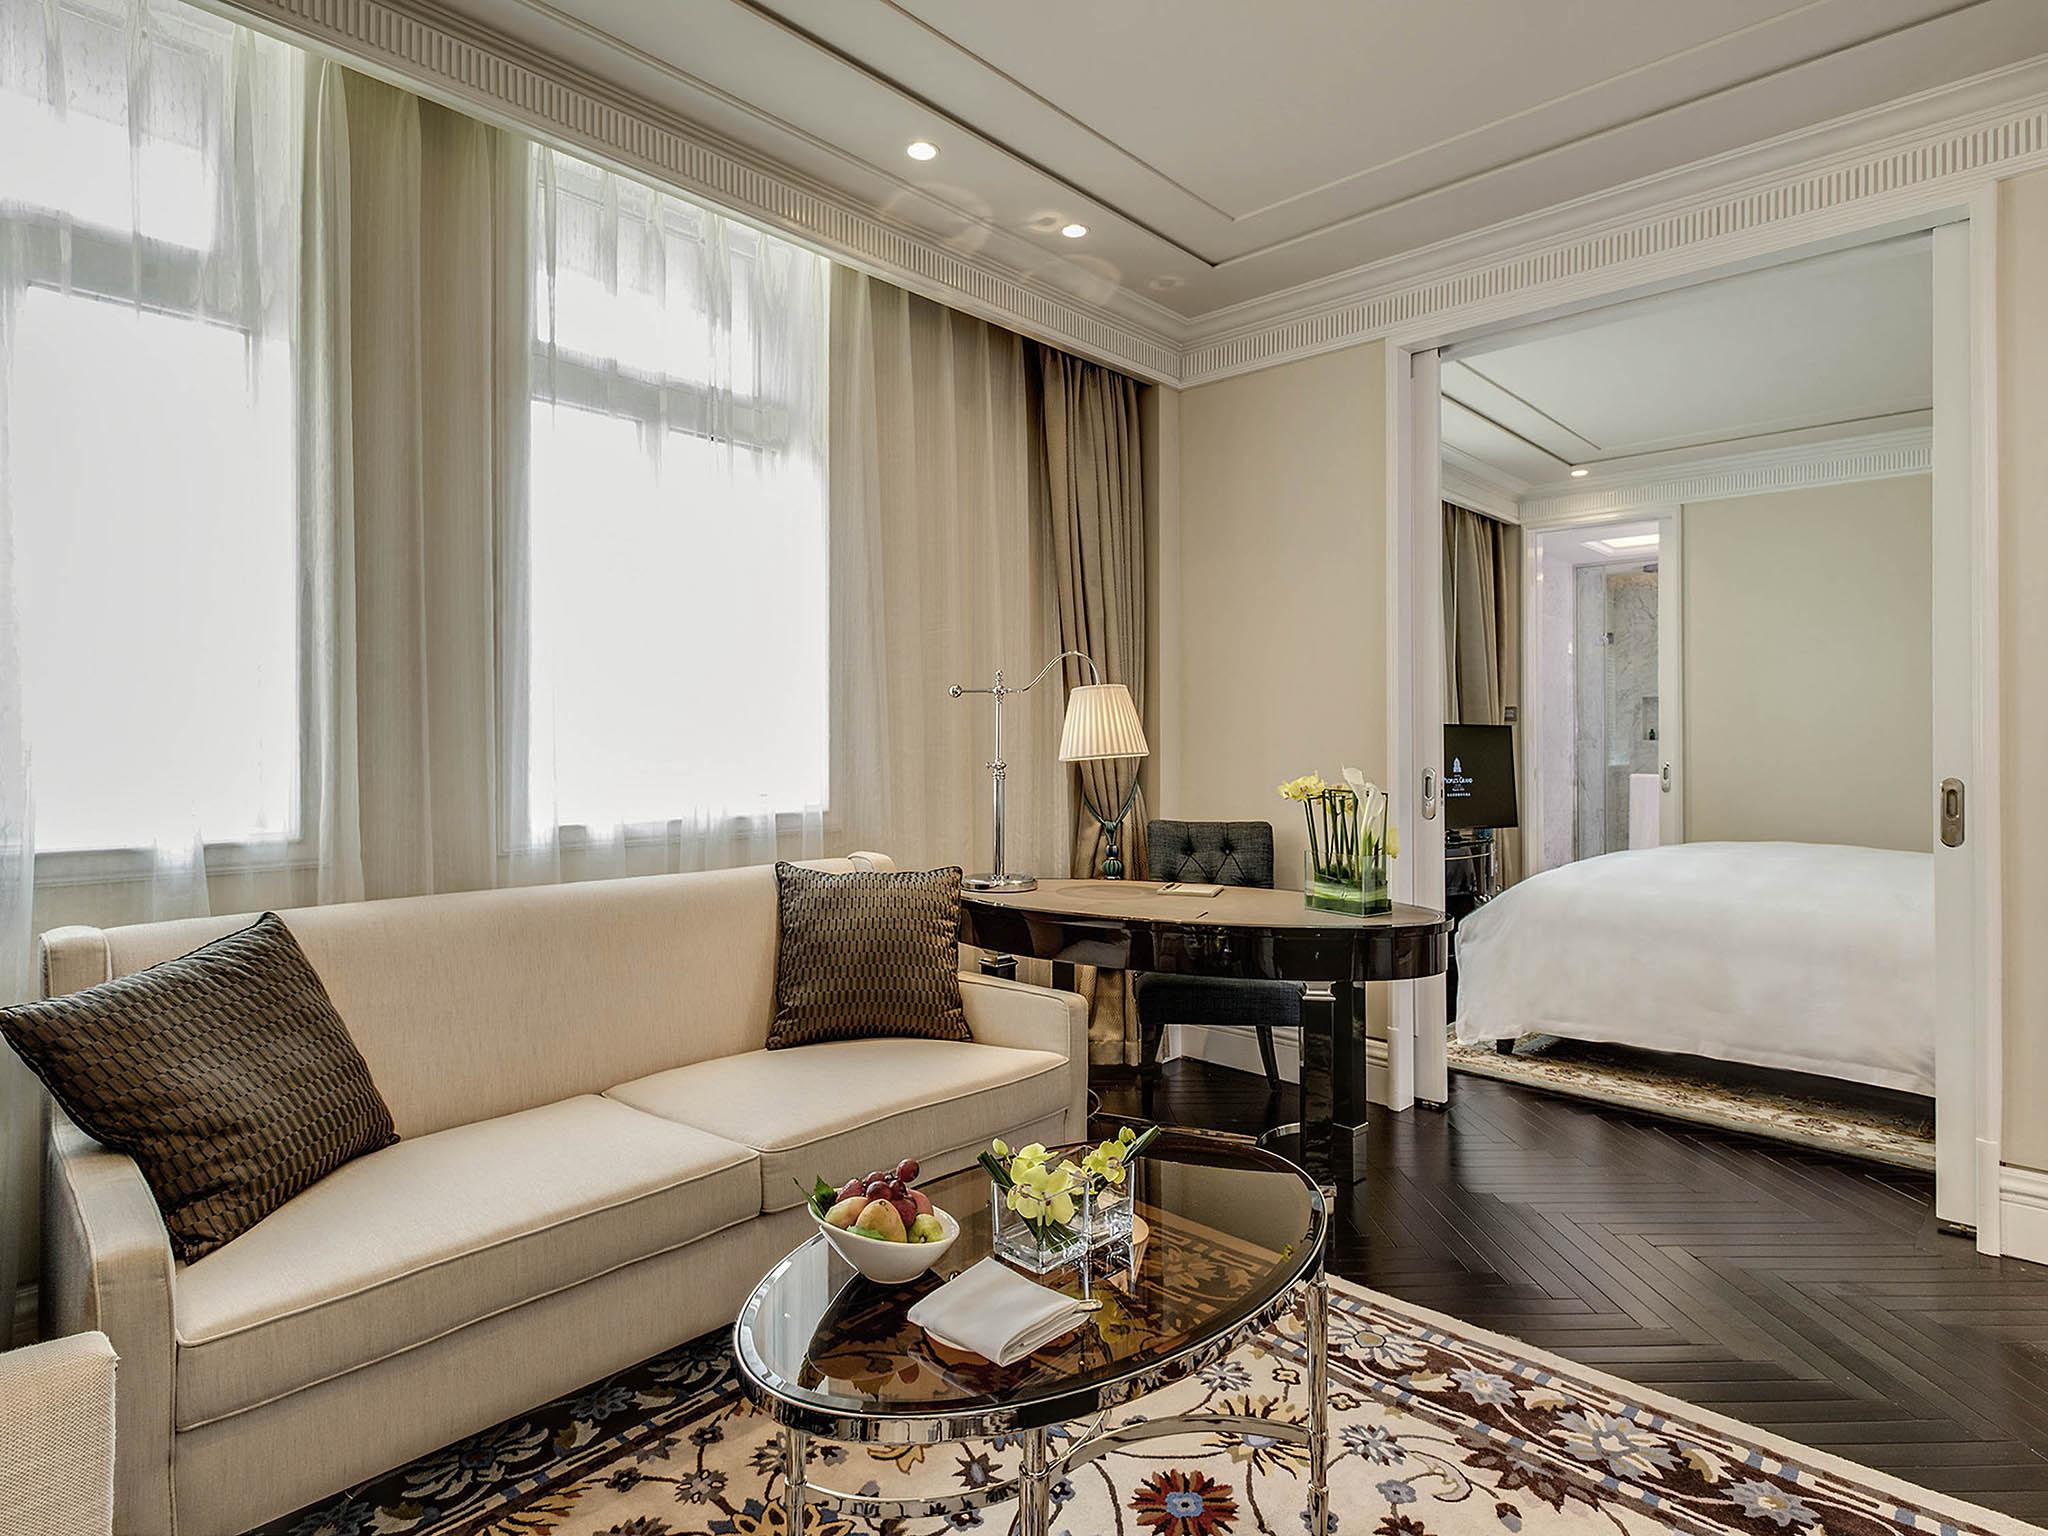 luxury-hotel-xian